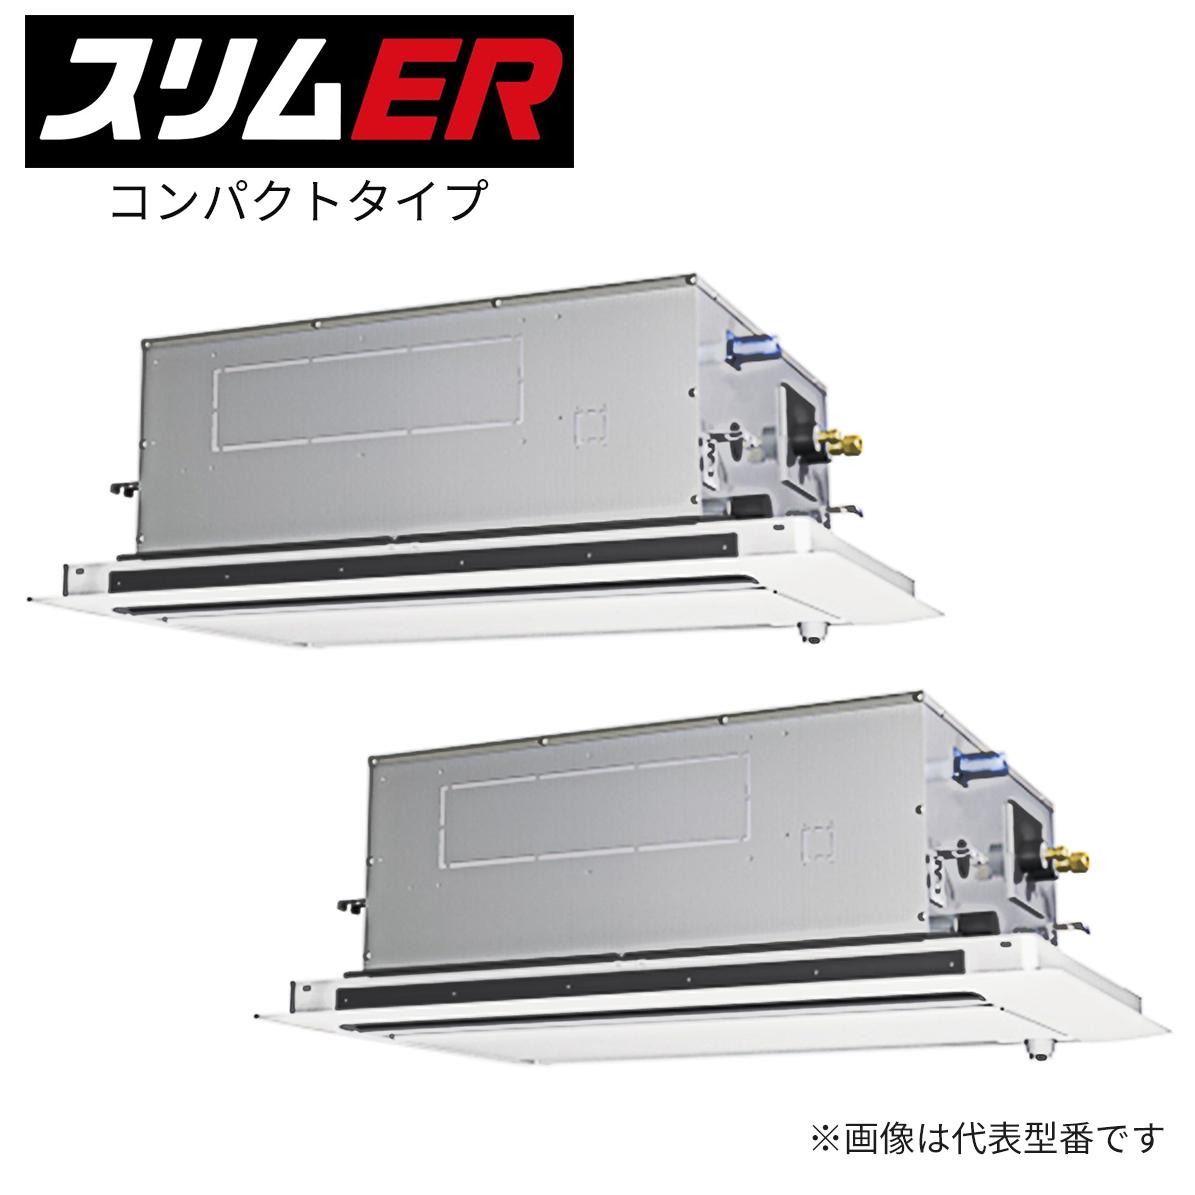 ###三菱 業務用エアコン【PLZX-ERMP140LET】スリムER コンパクトタイプ 2方向天井カセット形 同時ツイン 三相200V 5馬力